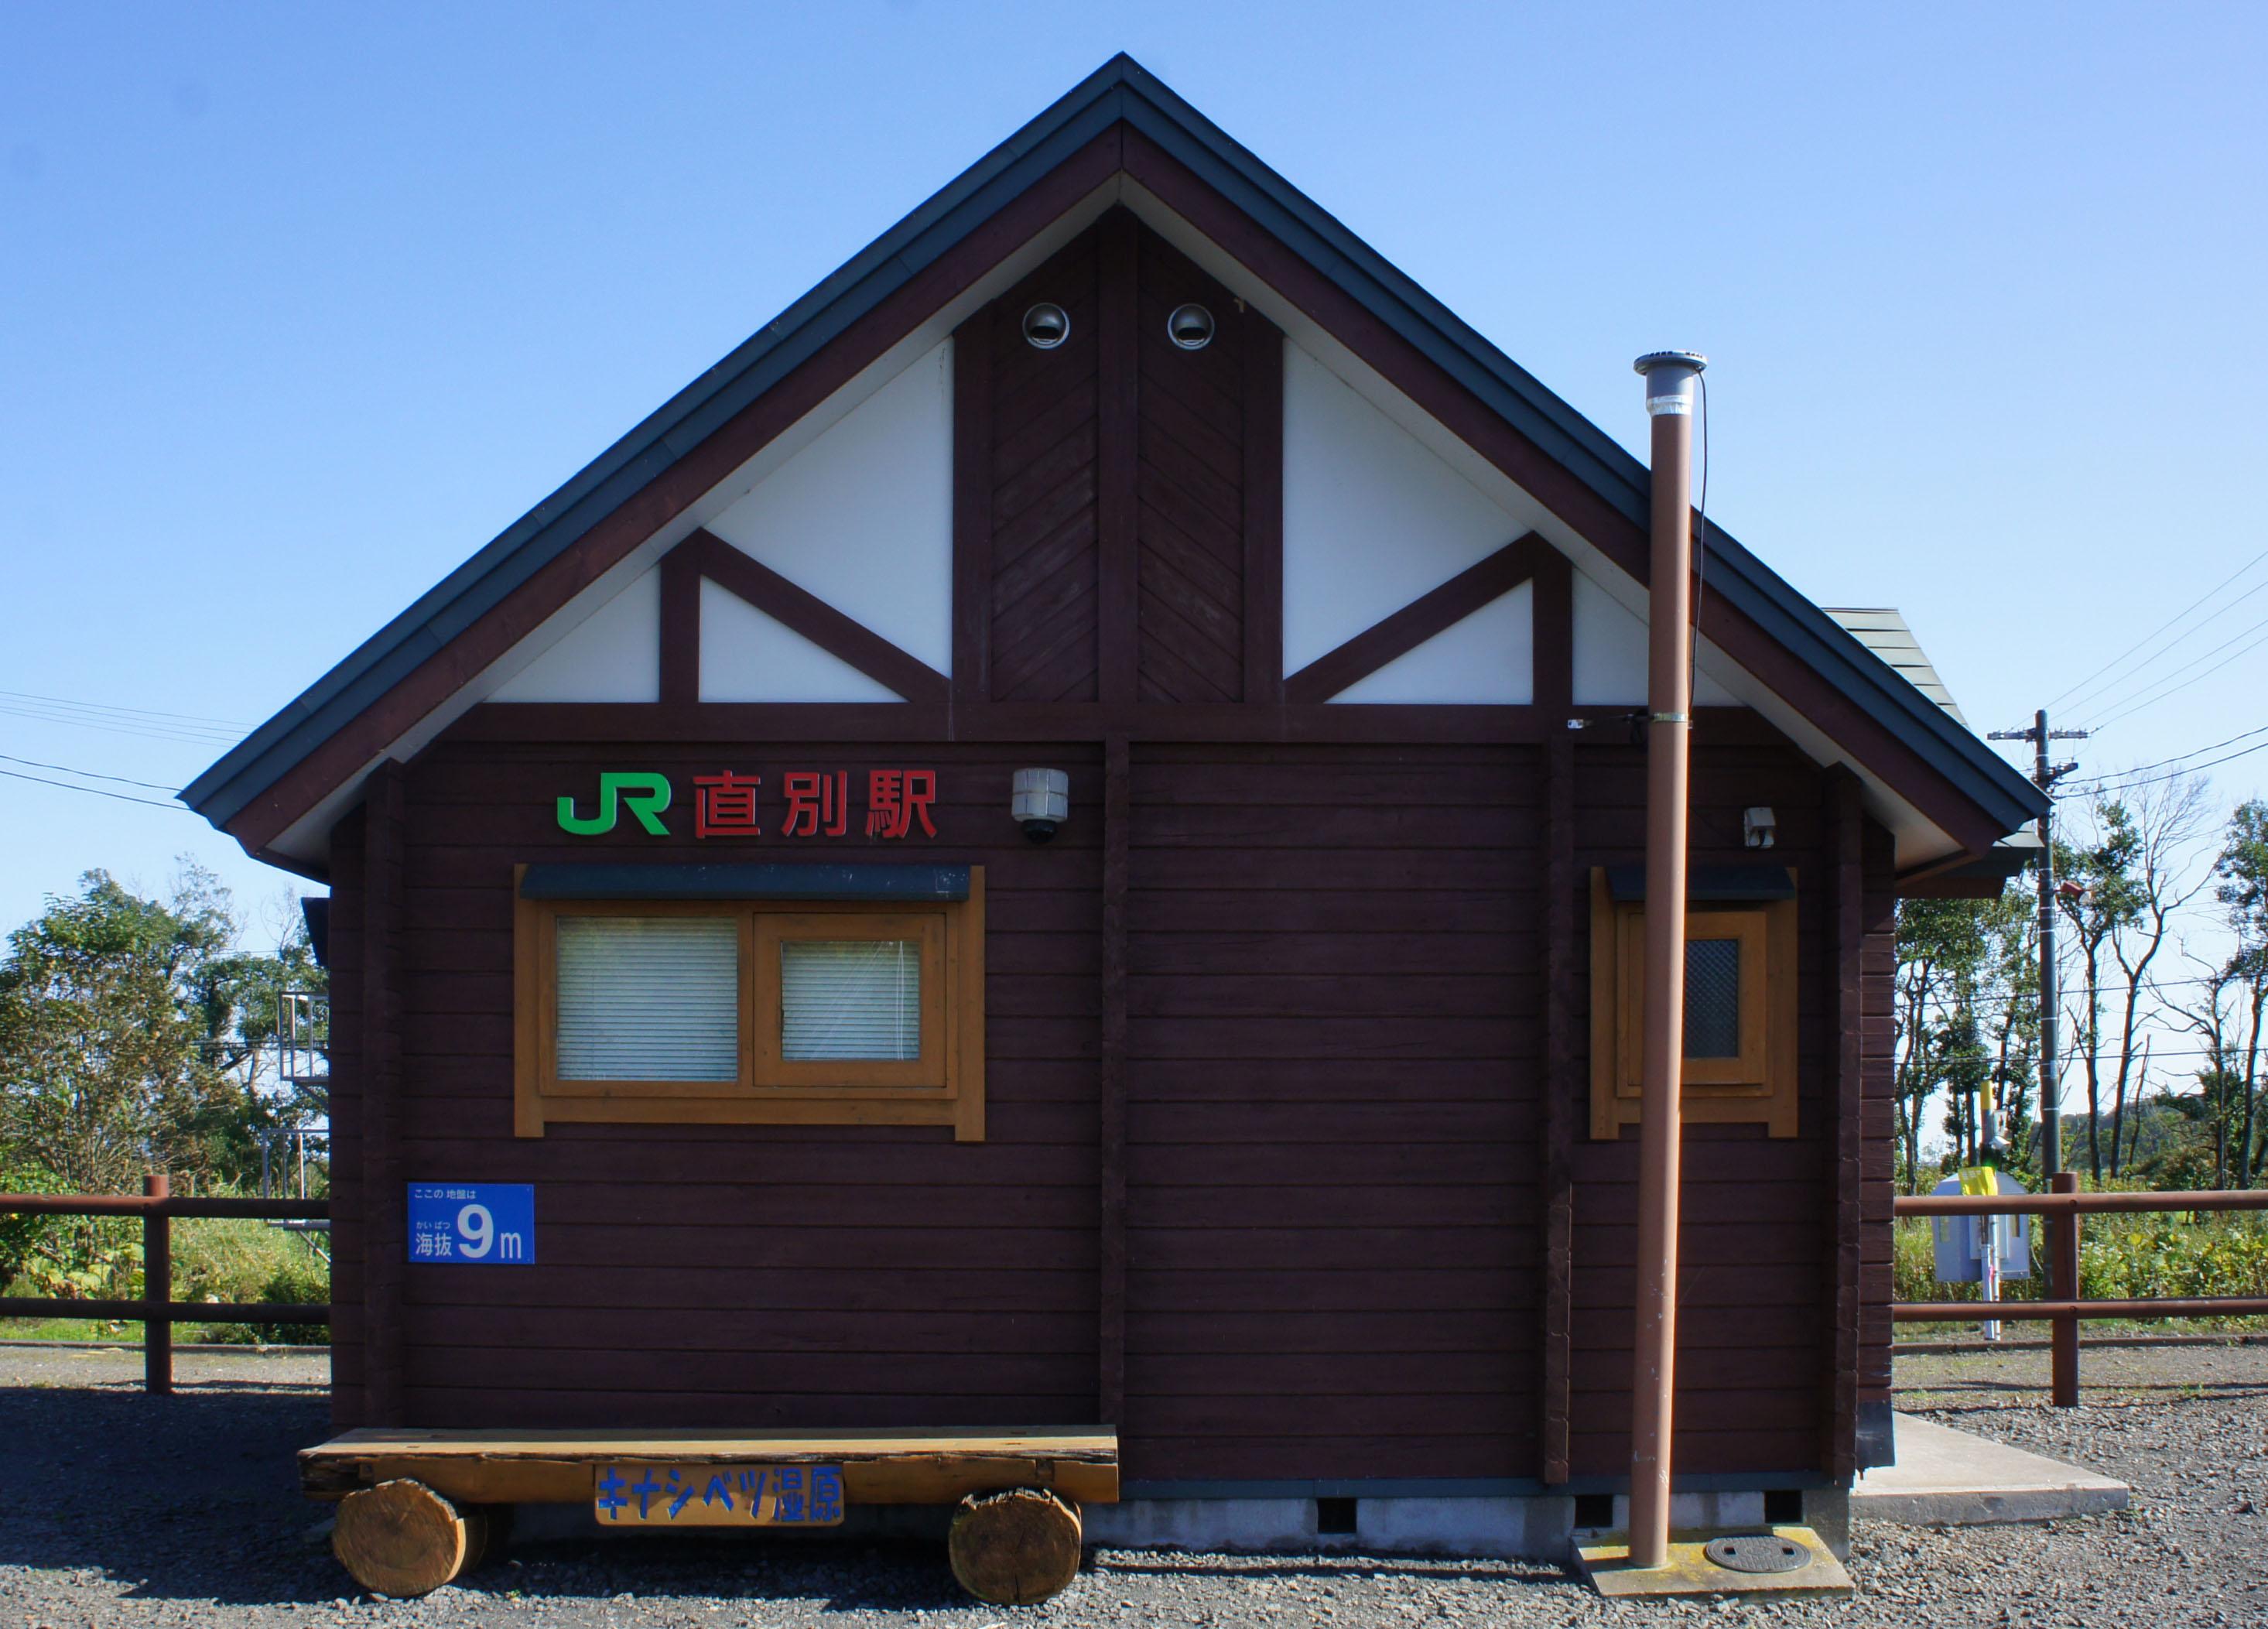 조쿠베쓰 역